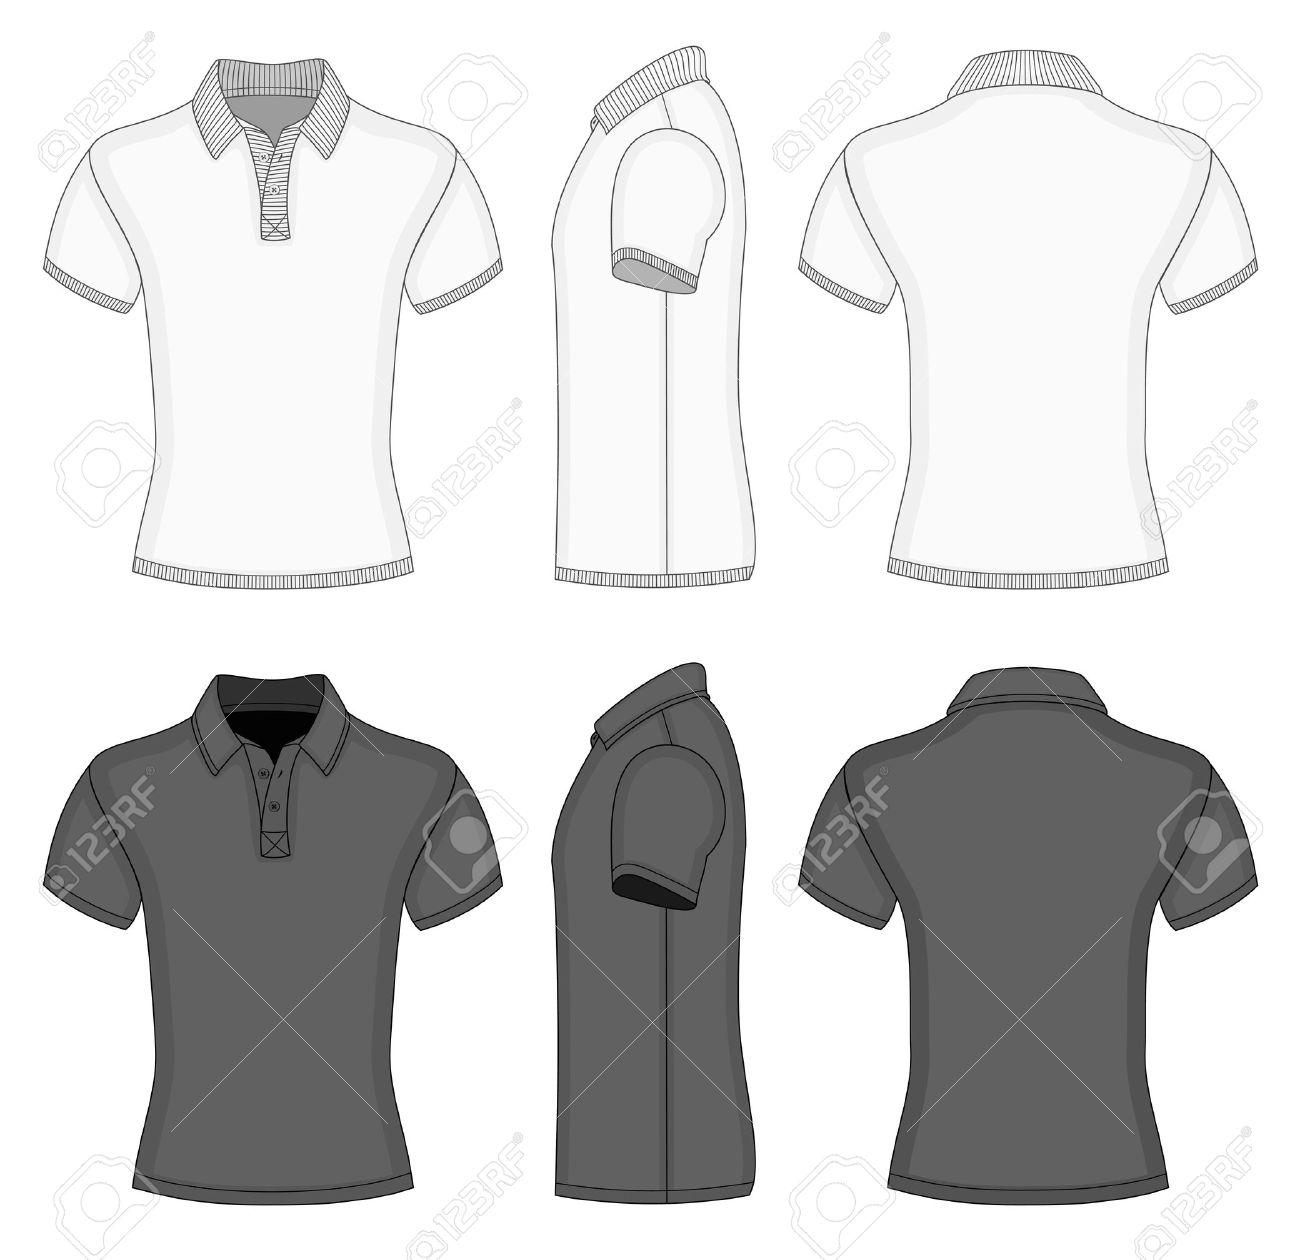 Camisa de polo y camiseta plantillas de diseño para hombres Foto de archivo  - 32012722 b73ce08c263a2